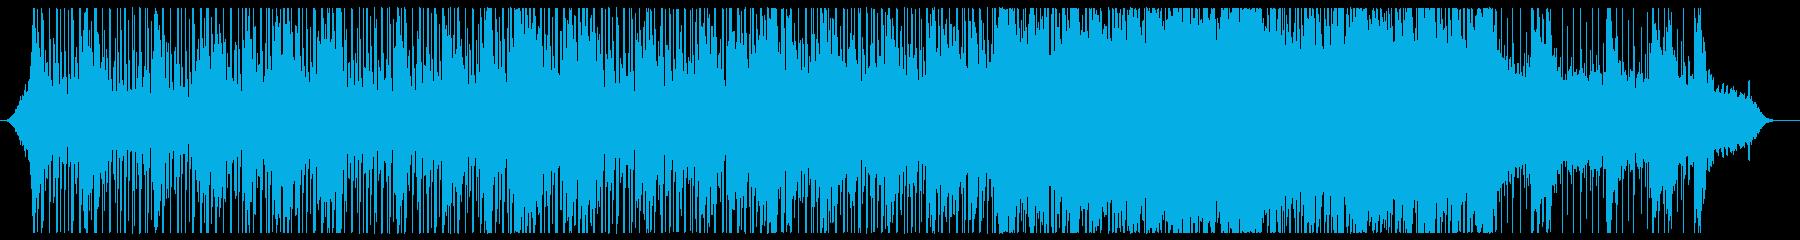 ほのぼのとソフトな企業VPコーポレートの再生済みの波形